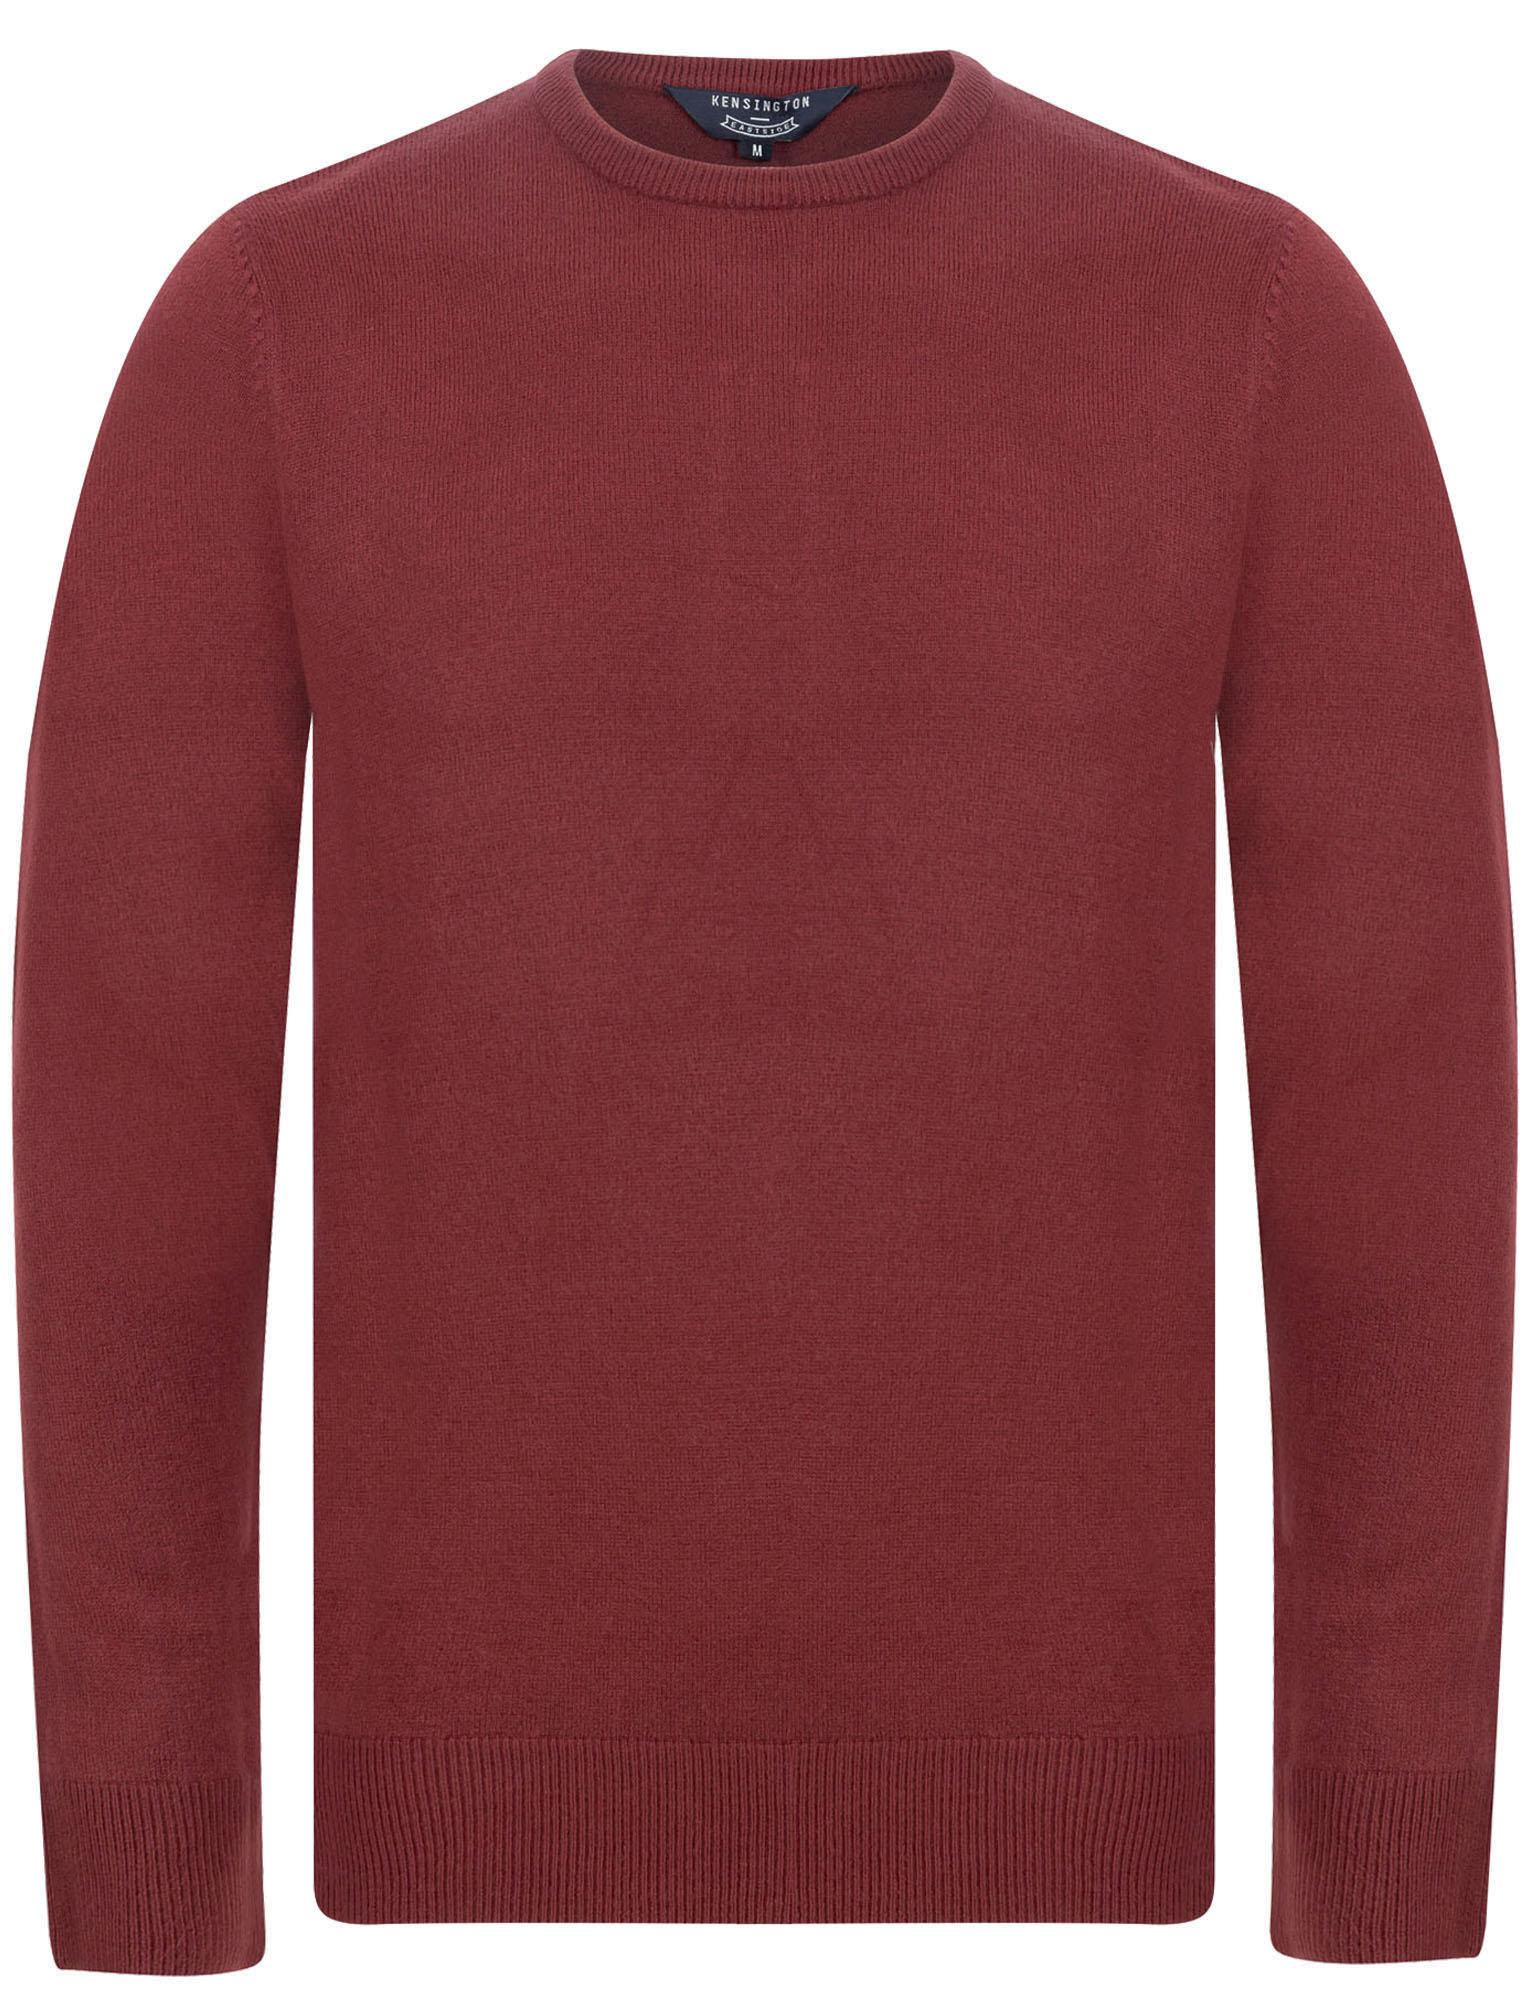 Kensington-Eastside-Men-039-s-Knitted-Crew-or-V-Neck-Jumper-Sweater-Top-Pullover thumbnail 85